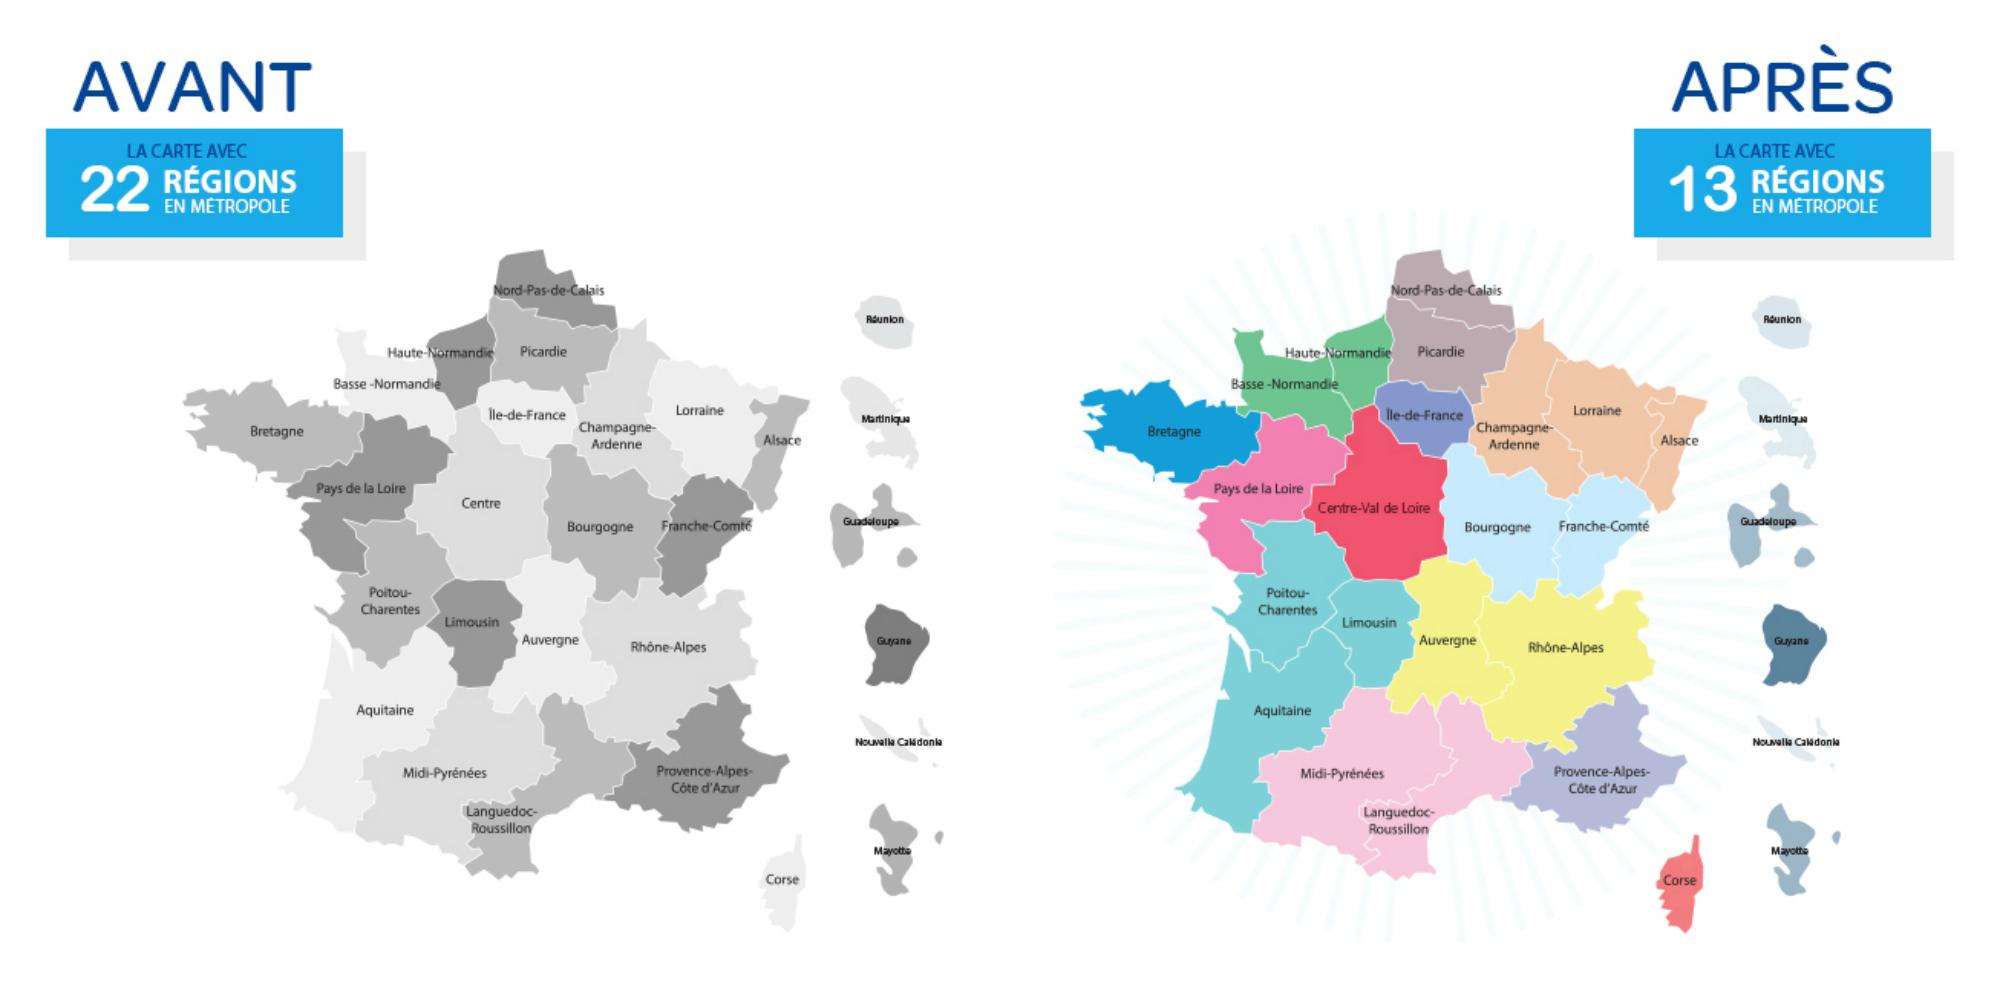 Nouvelles régions de france 2016